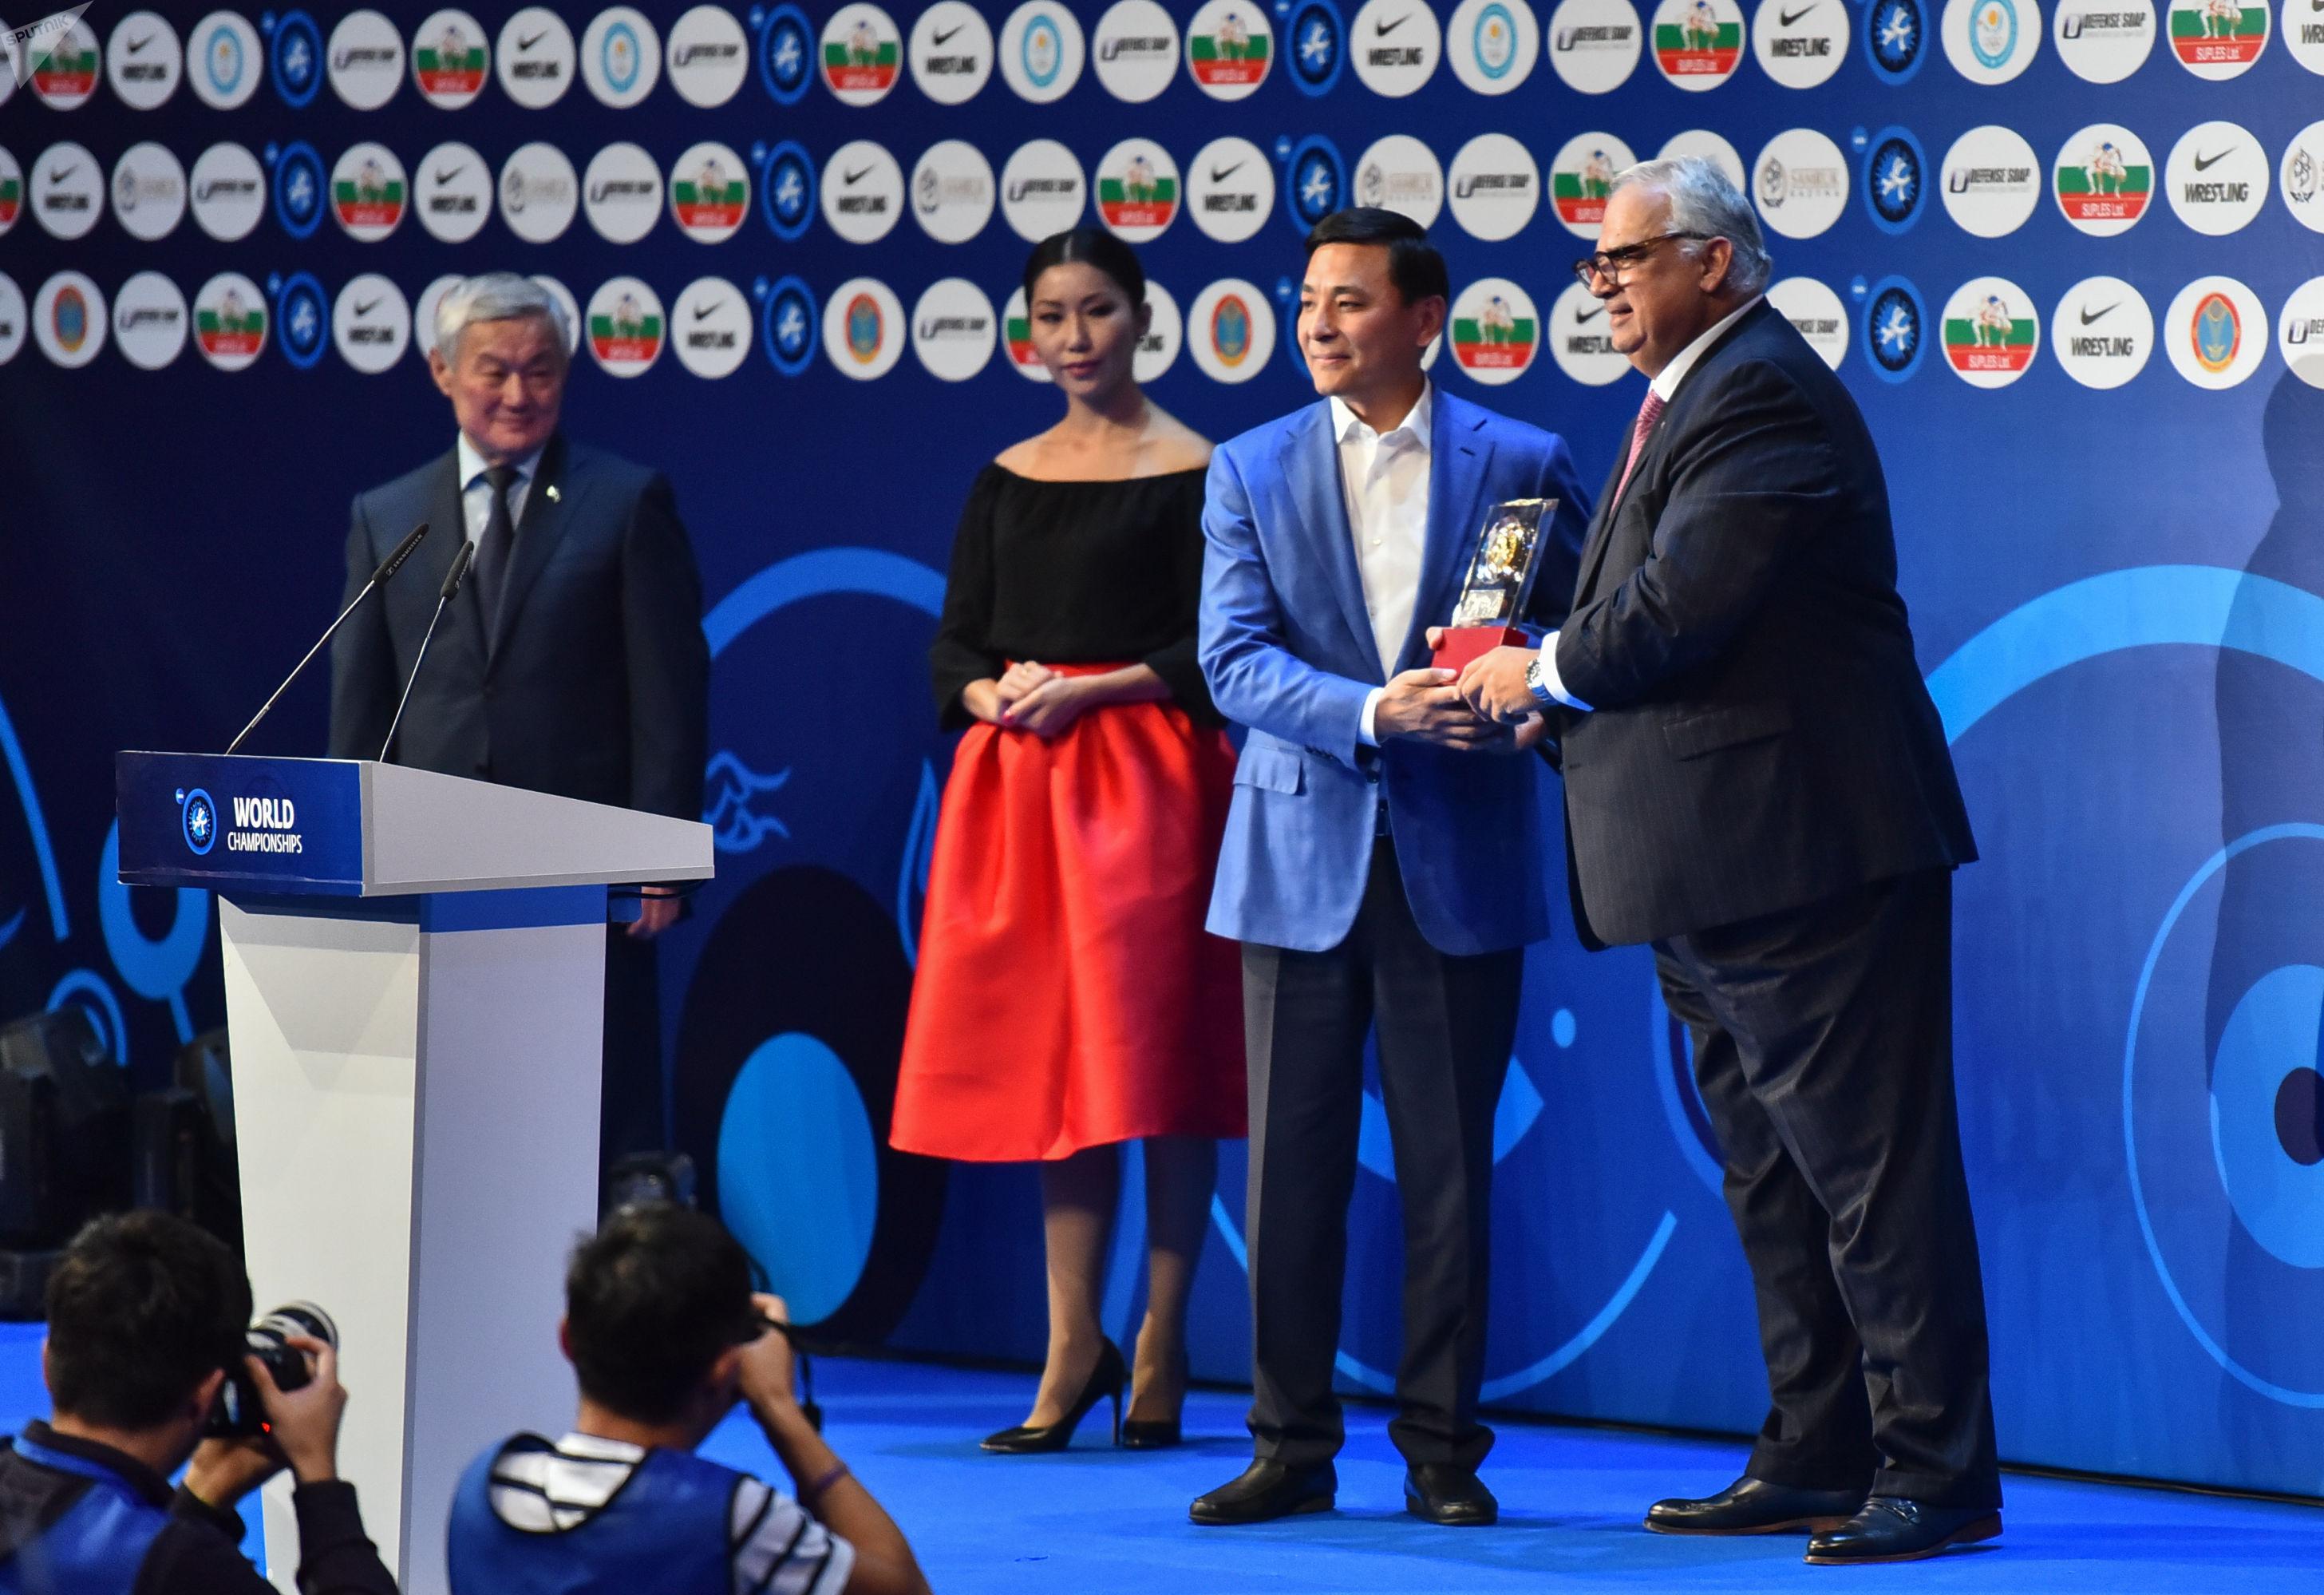 Заместитель премьер-министра Казахстана Бердибек Сапарбаев , аким столицы Алтай Кульгинов и  президент UWW Ненад Лалович (слева направо)